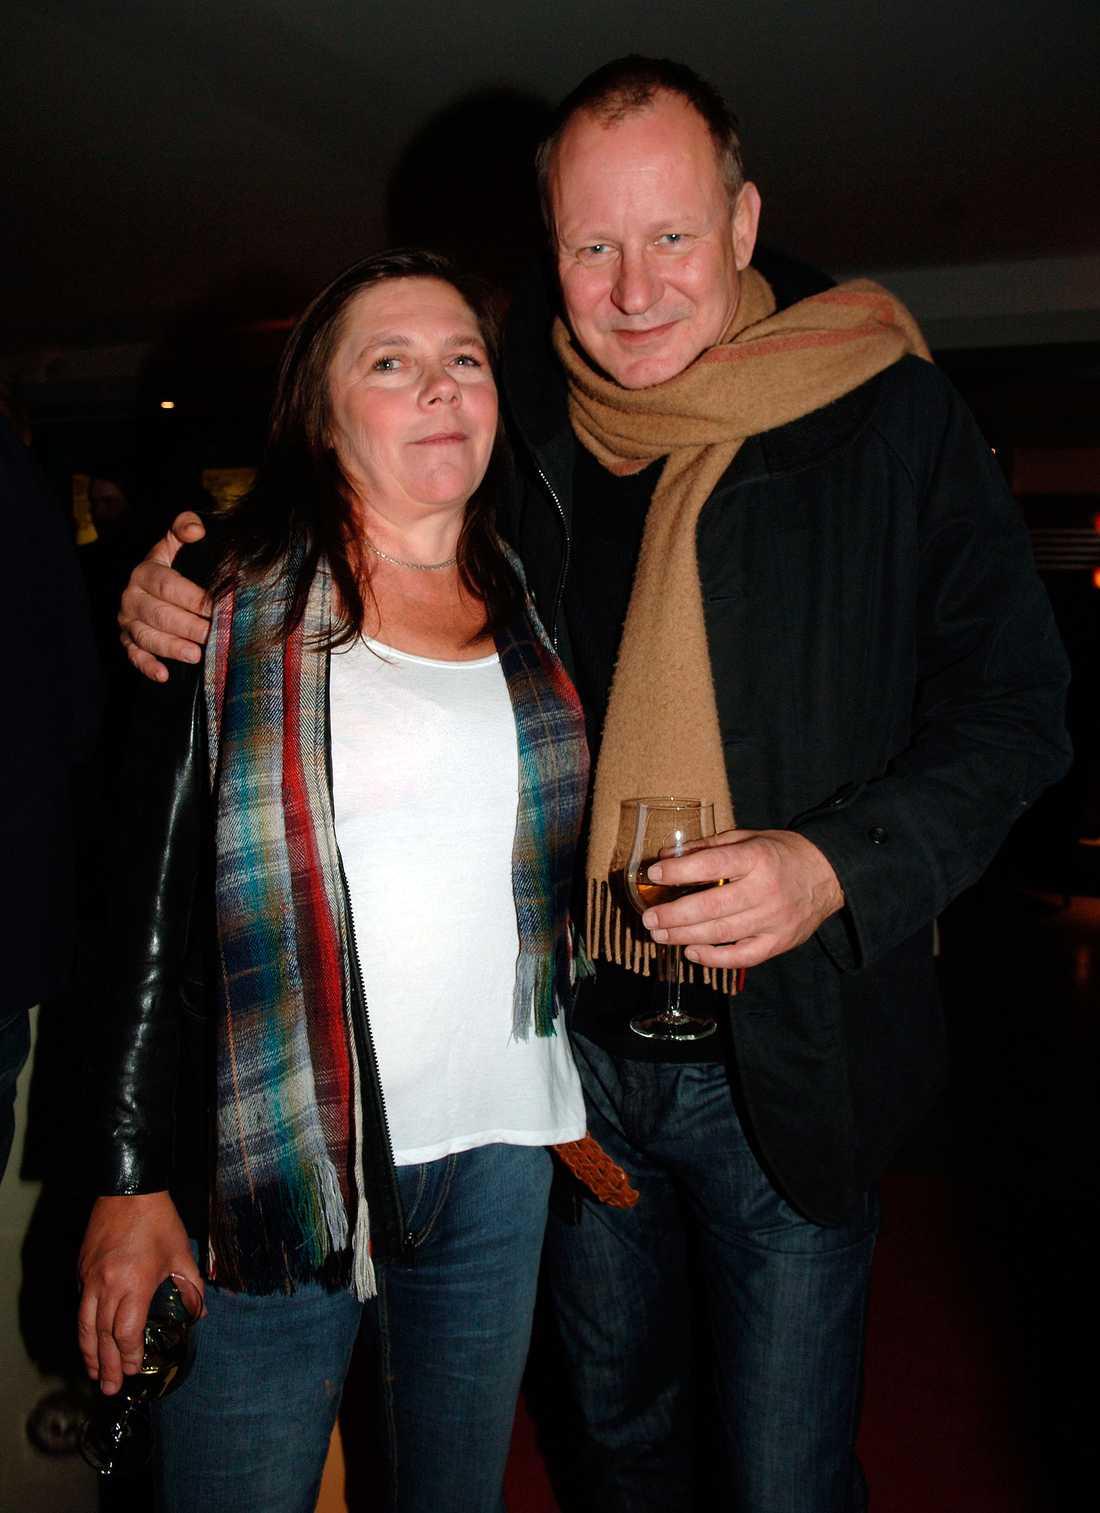 Det var sommaren 2007 som My och Stellan Skarsgård gick skilda vägar. Stellan är idag omgift.